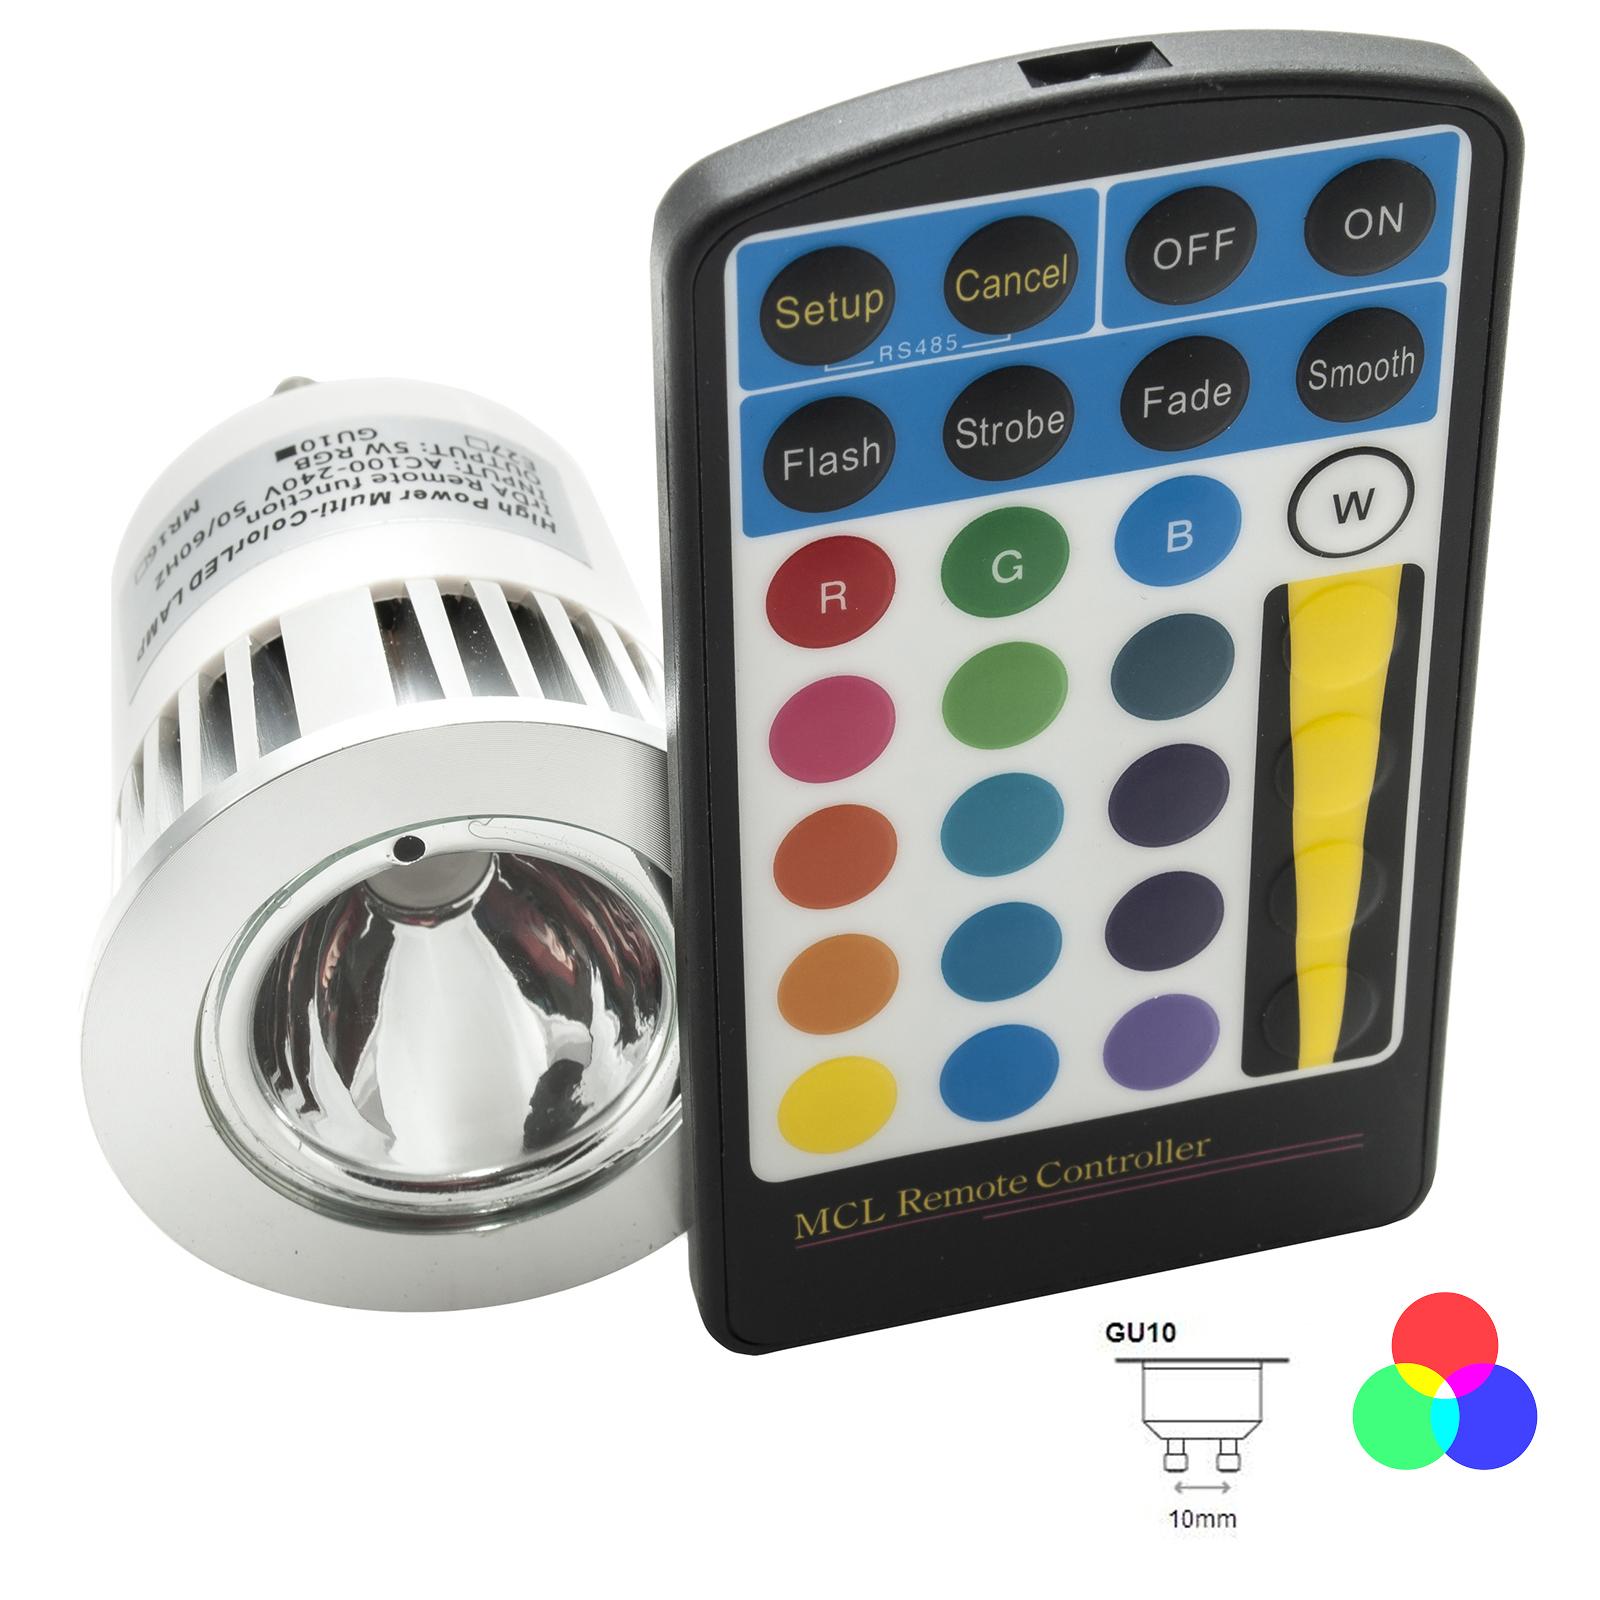 kit 3 faretti led gu10 rgb 5w cromoterapia telecomando incluso 16 colori di luce